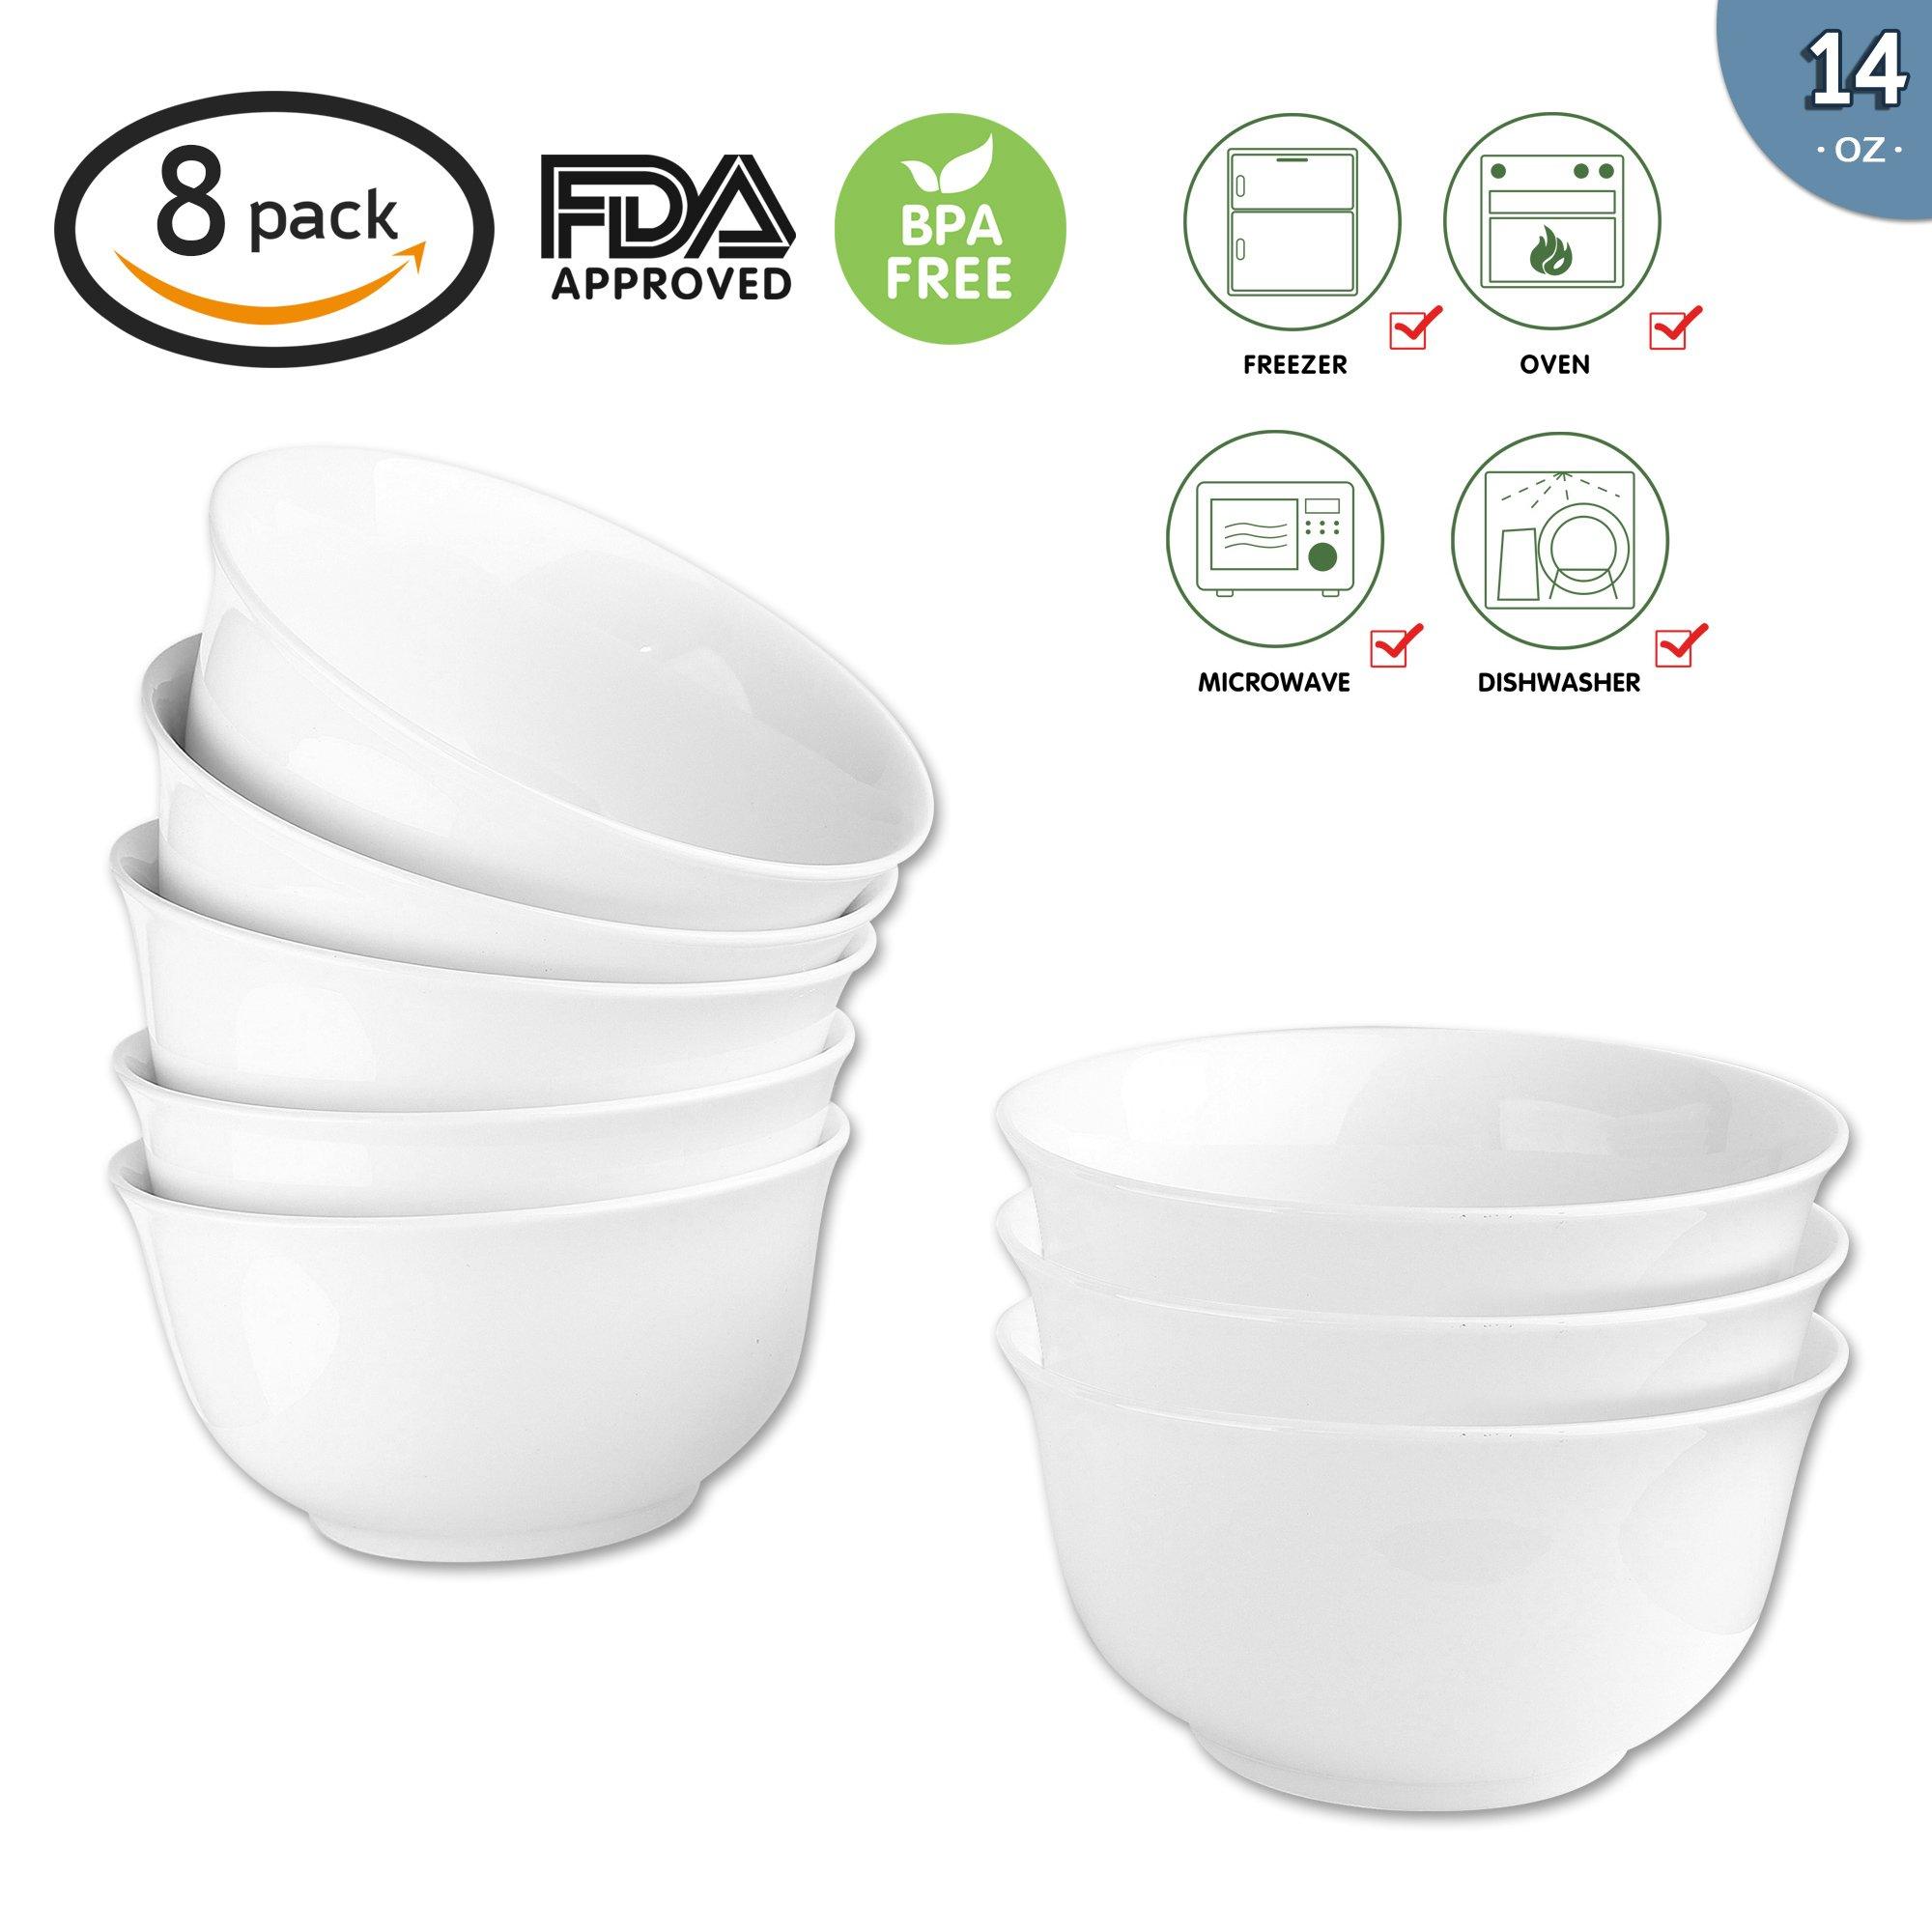 14-Ounce Porcelain Bowl Set,Porcelain Cereal,Soup Bowl Set,Dinner Set- 8 Packs,White,5 Inch